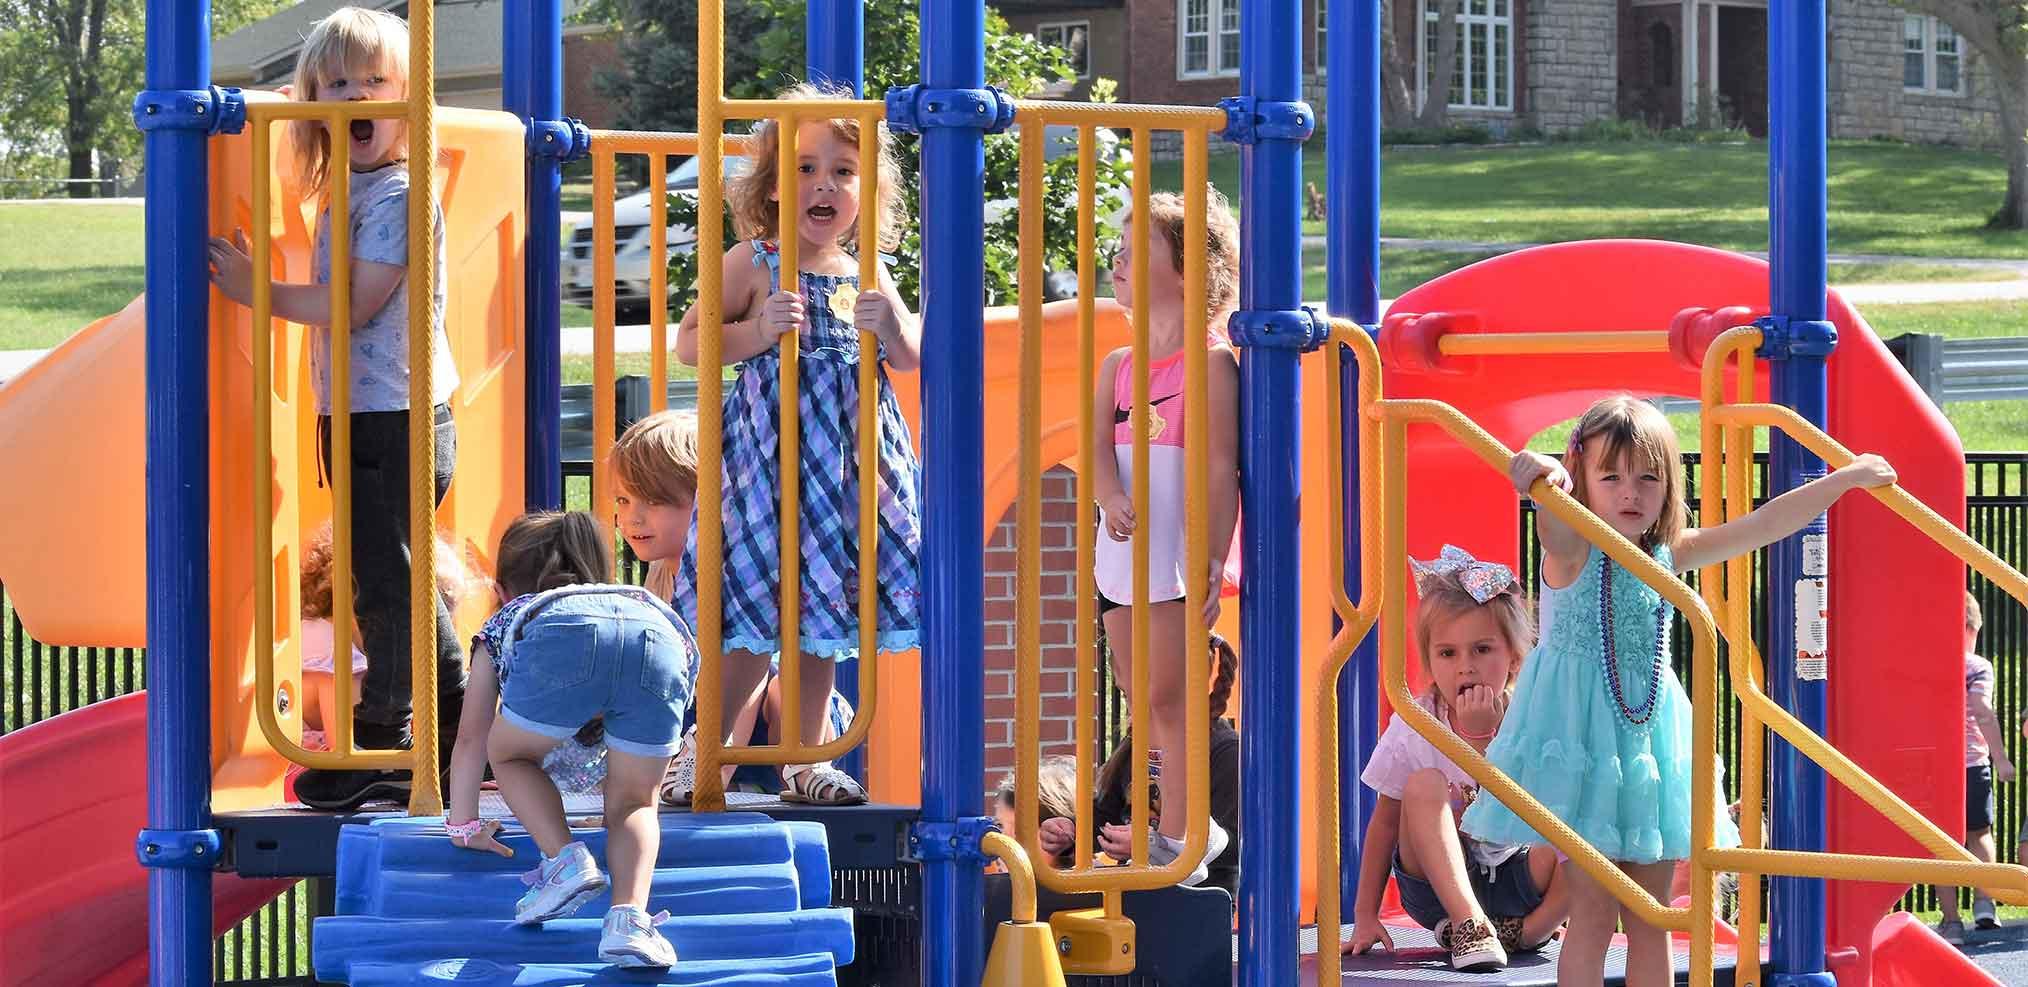 SB-Playground